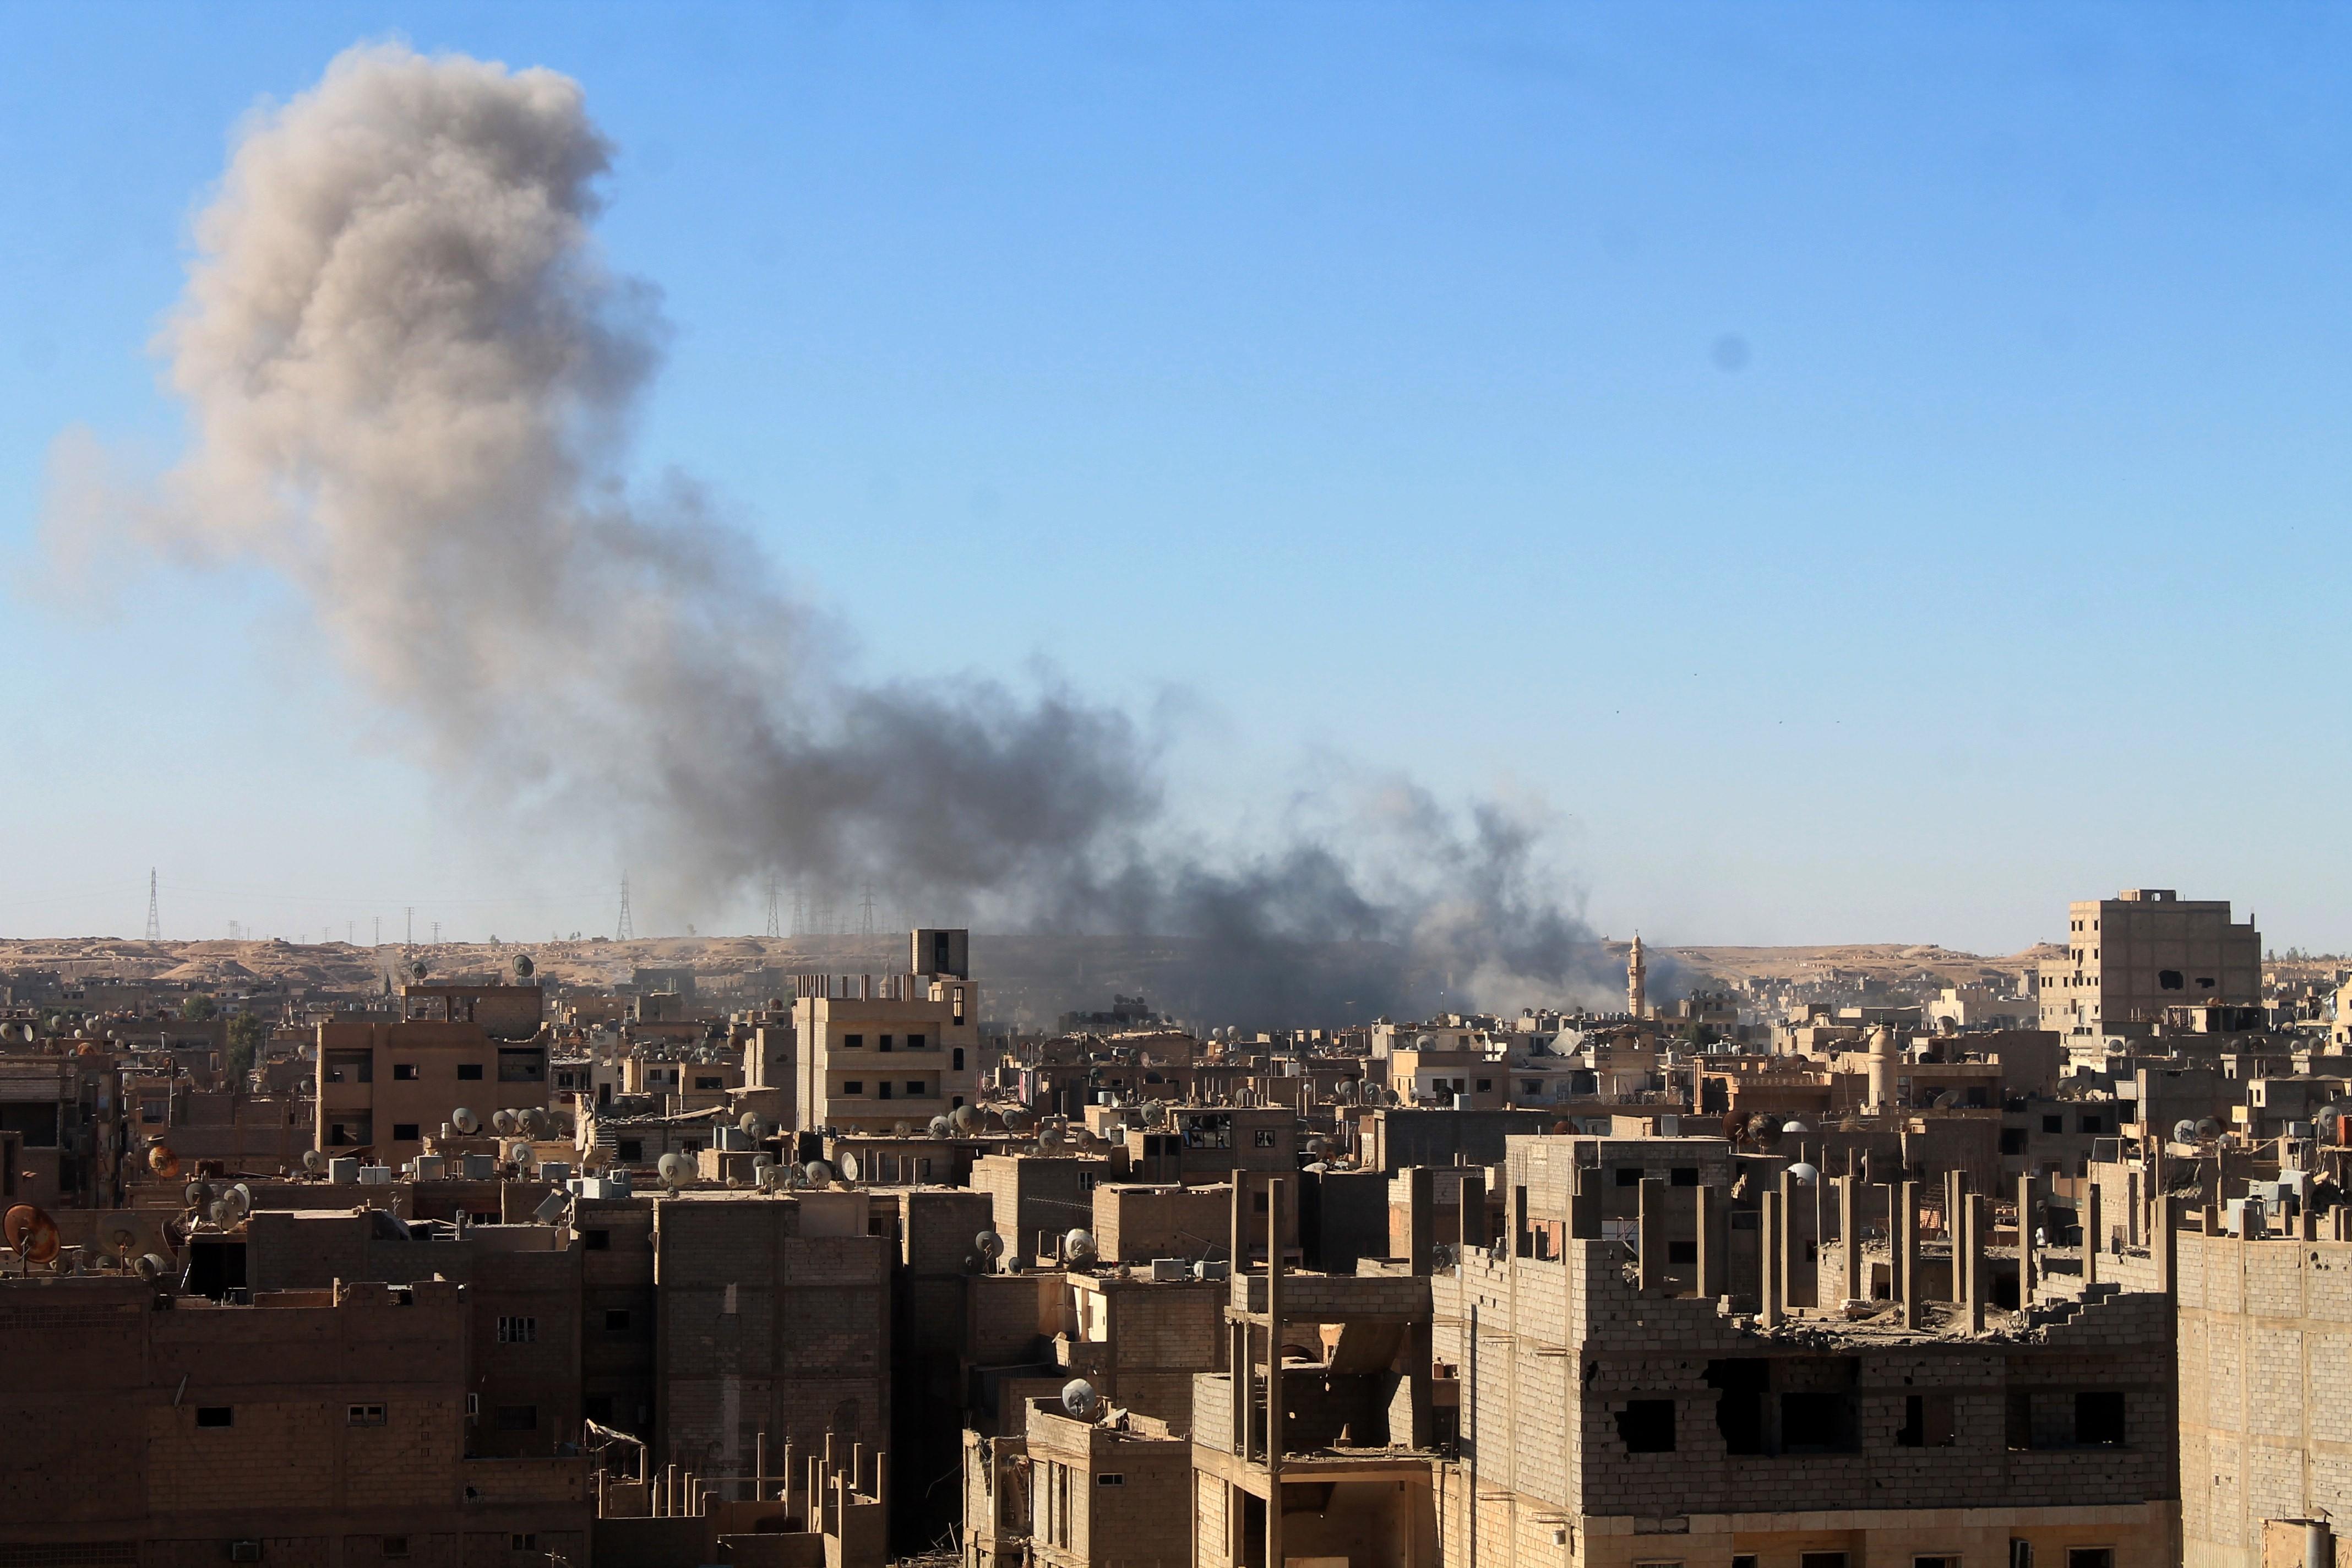 المرصد السوري: مقتل وإصابة 11 مدنيا في قصف شمال إدلب